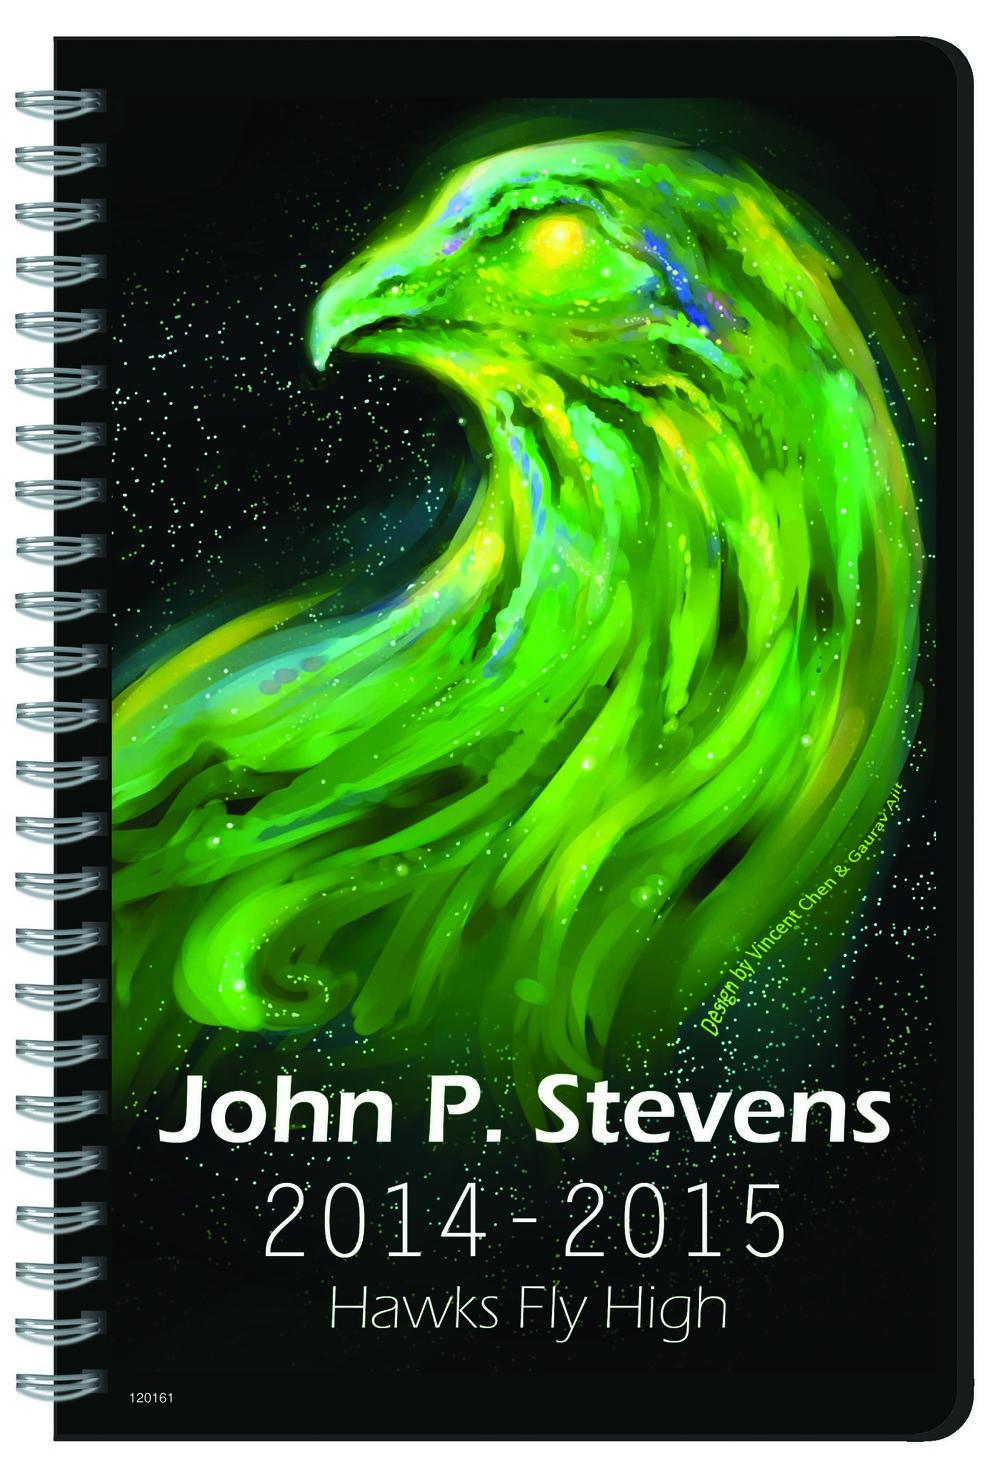 John P. Stevens High School